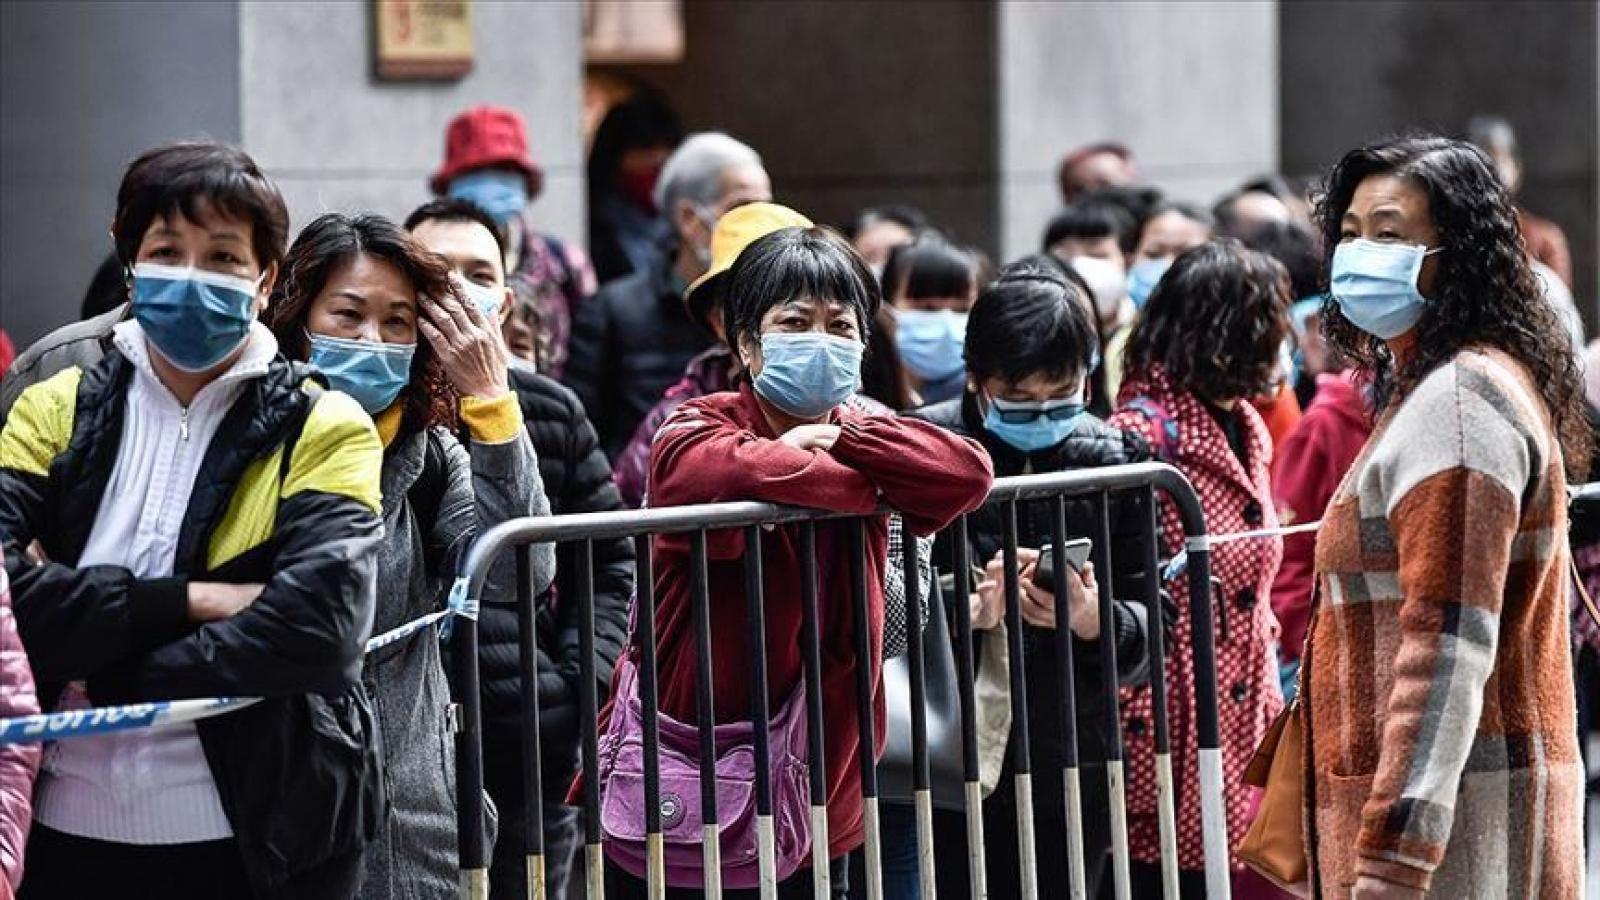 Một thành phố Trung Quốc xuất hiện ca Covid-19 trong cộng đồng